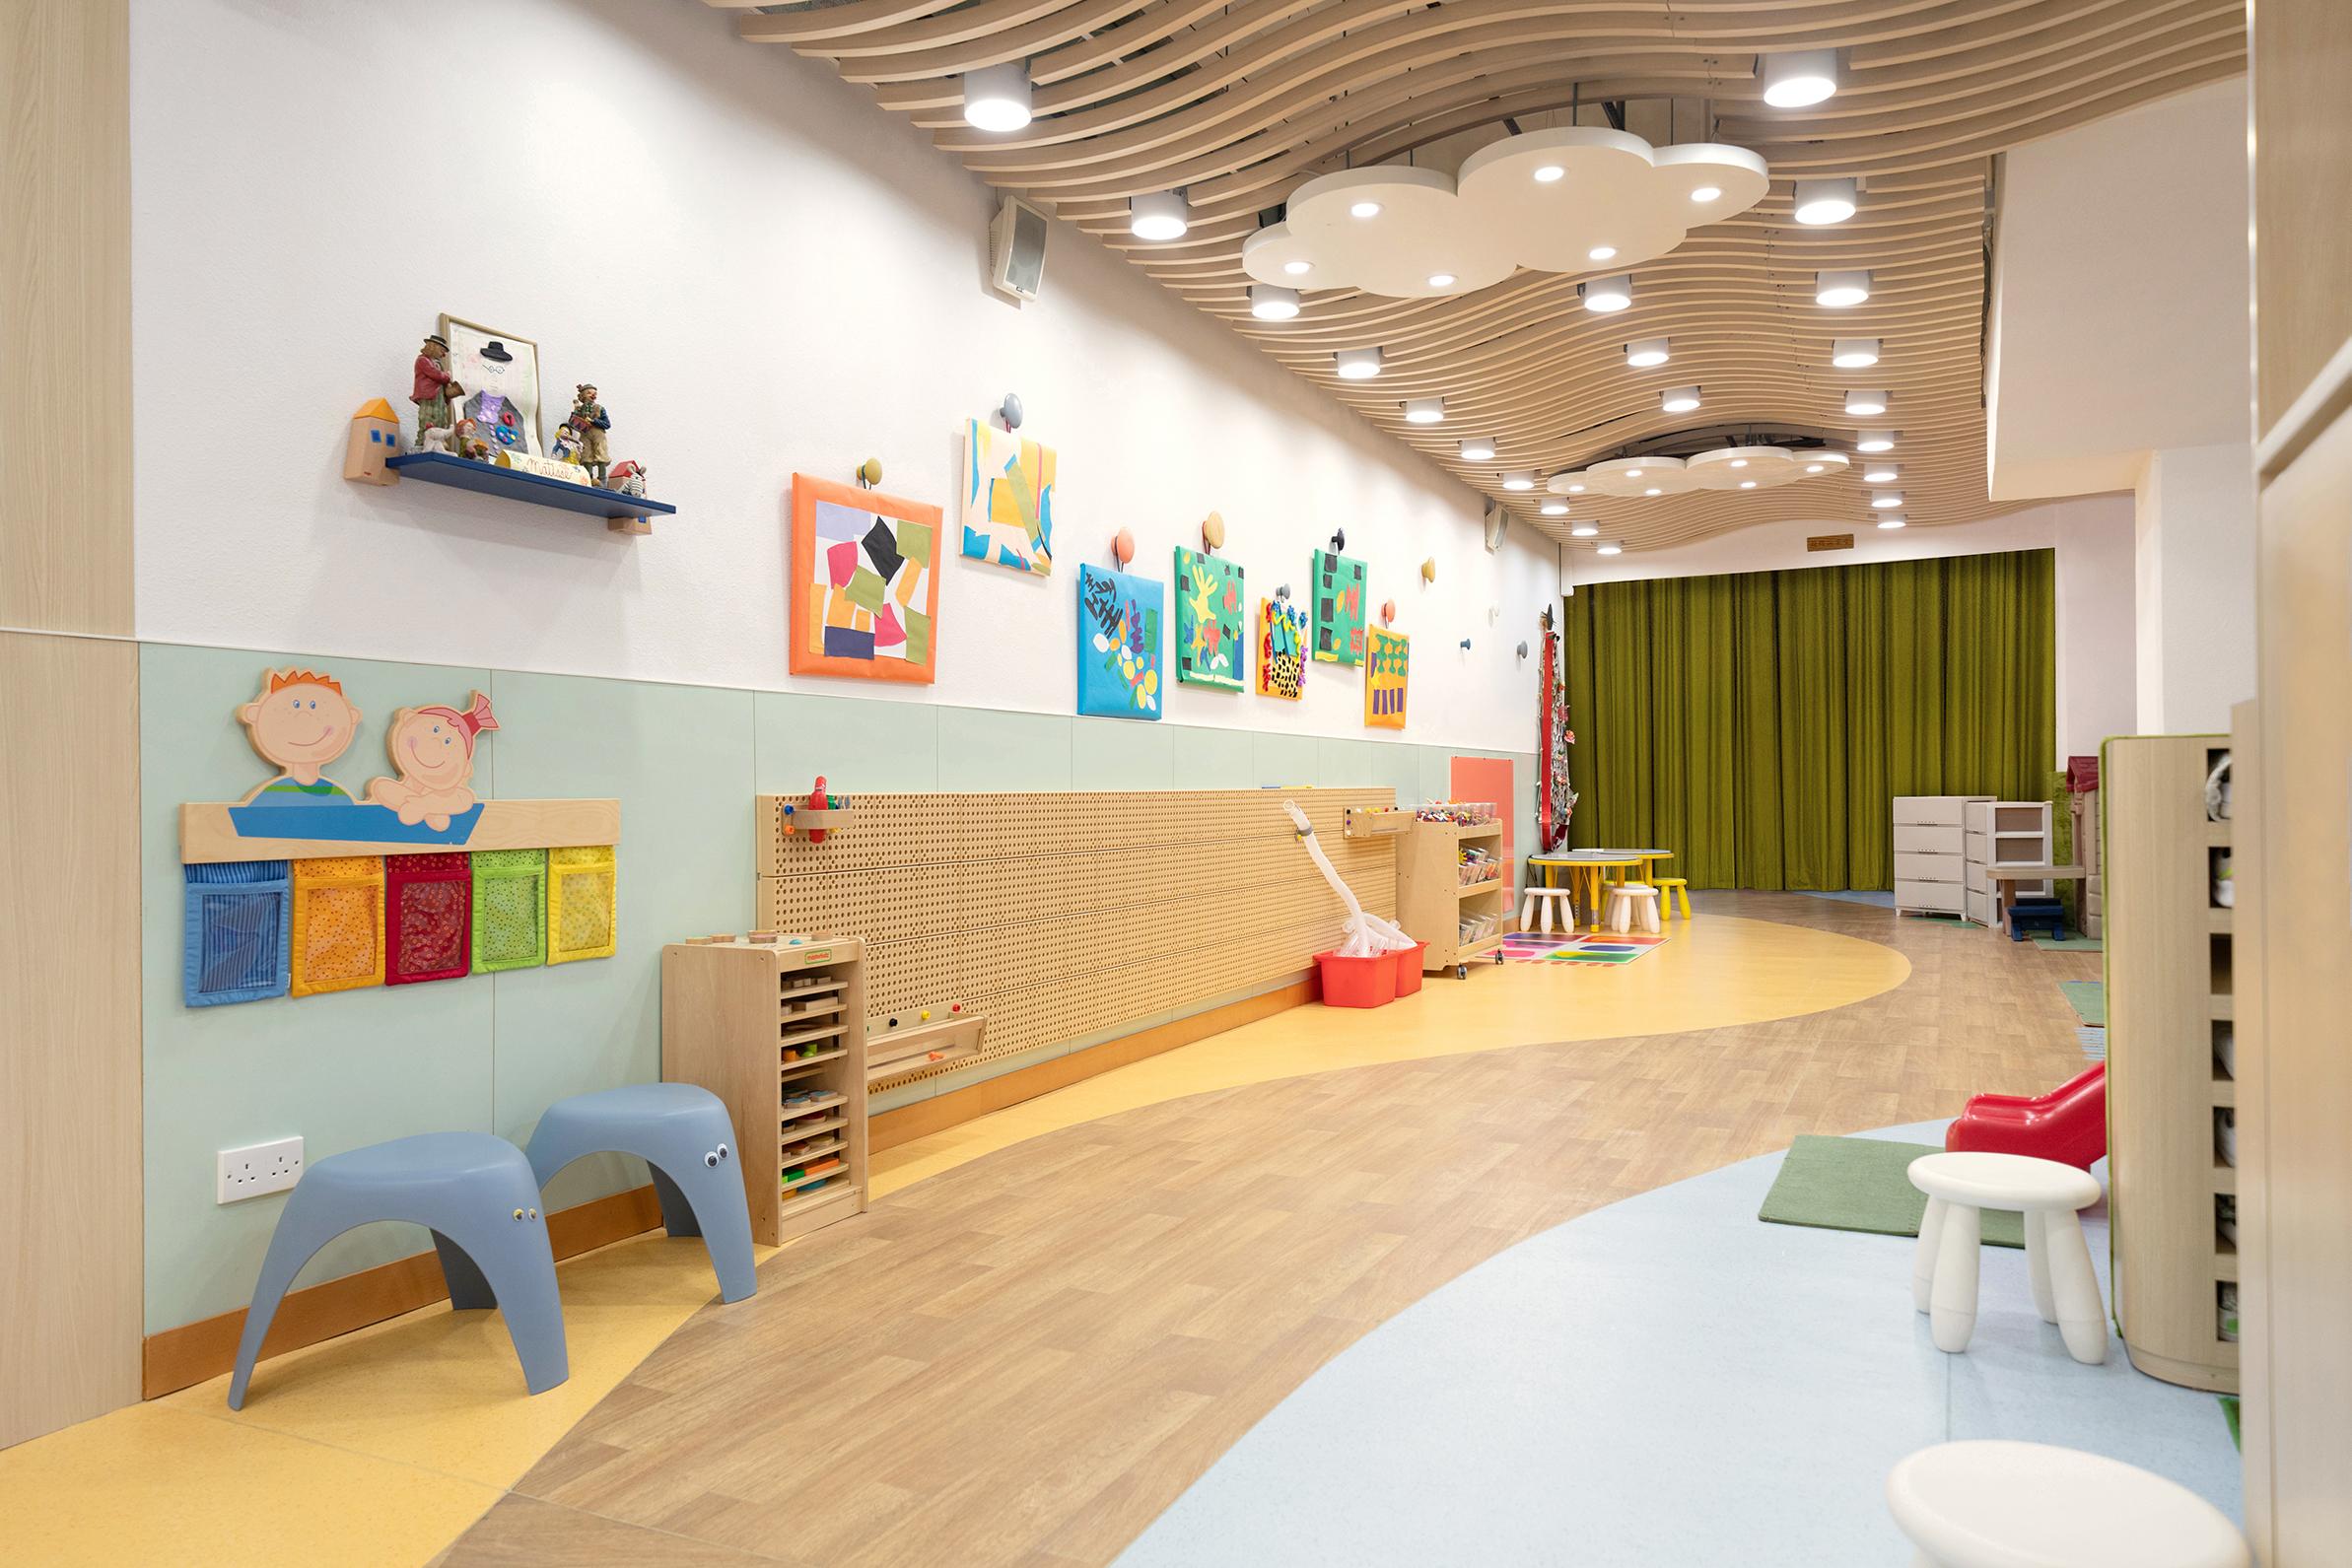 勵志會陳鄭潔雲幼稚園 (階段一) Endeavourers Chan Cheng Kit Wan Kindergarten